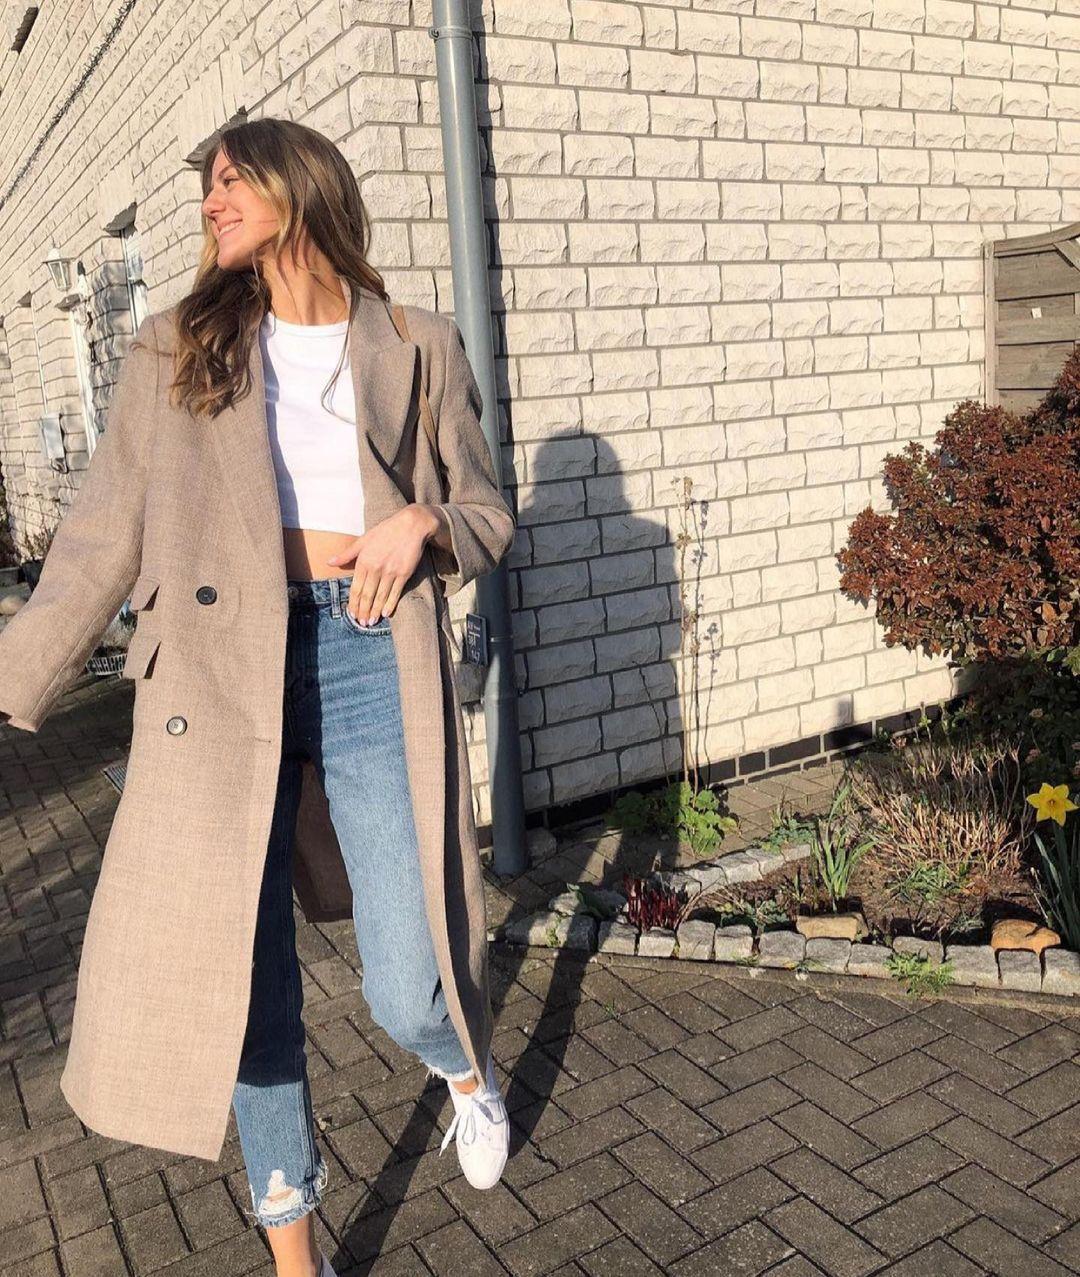 manteau en cachemire limited edition de Zara sur zara.outfits